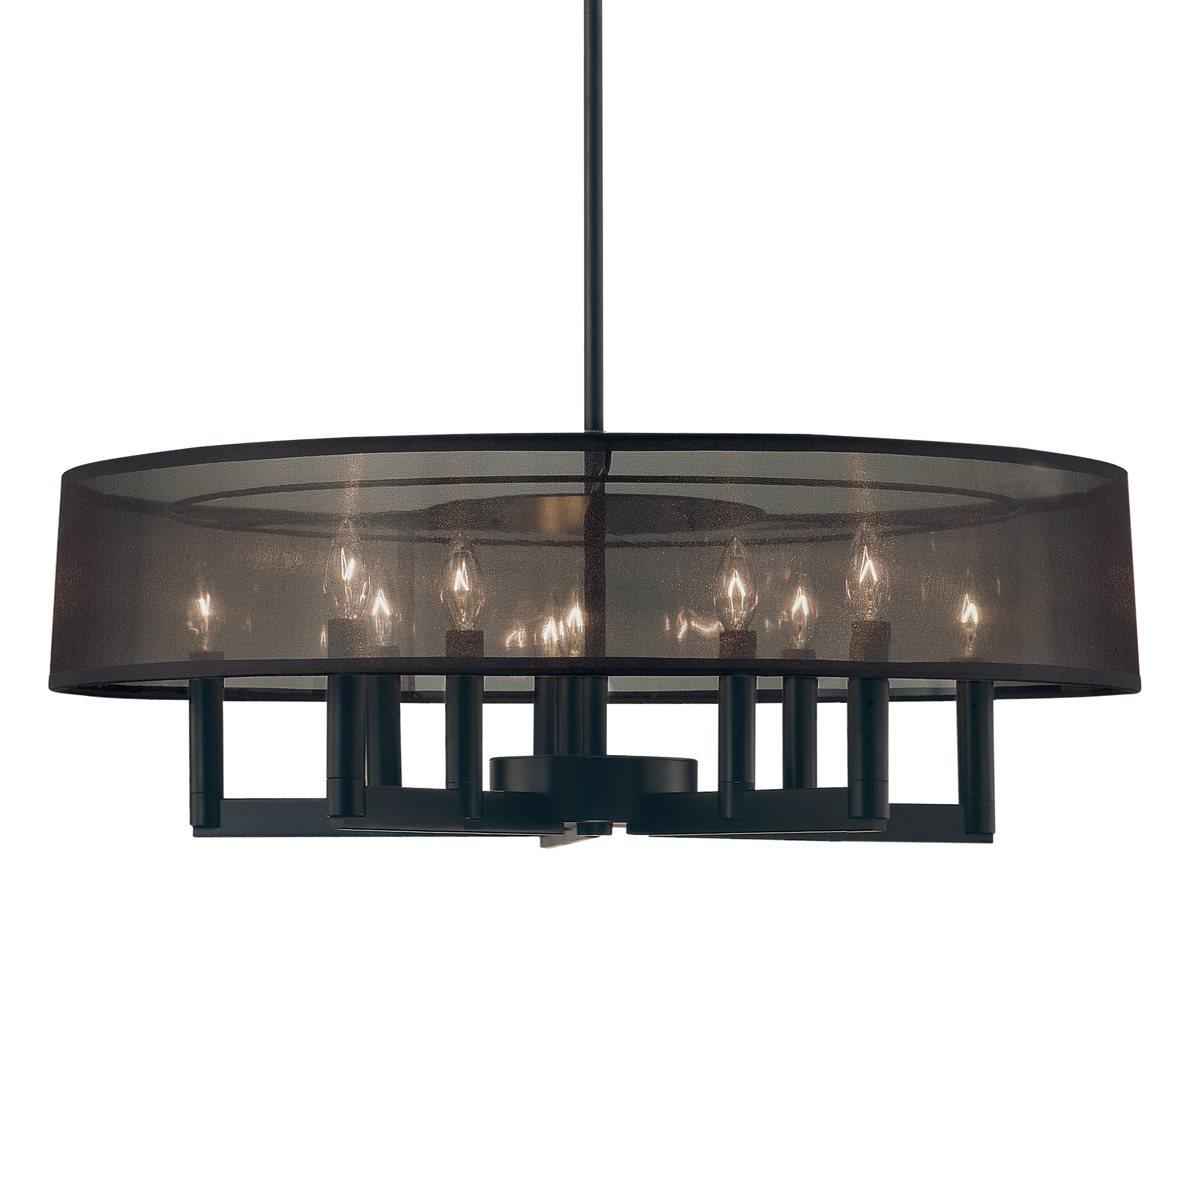 Sonneman lighting silhouette contemporary pendant for Sonneman lighting